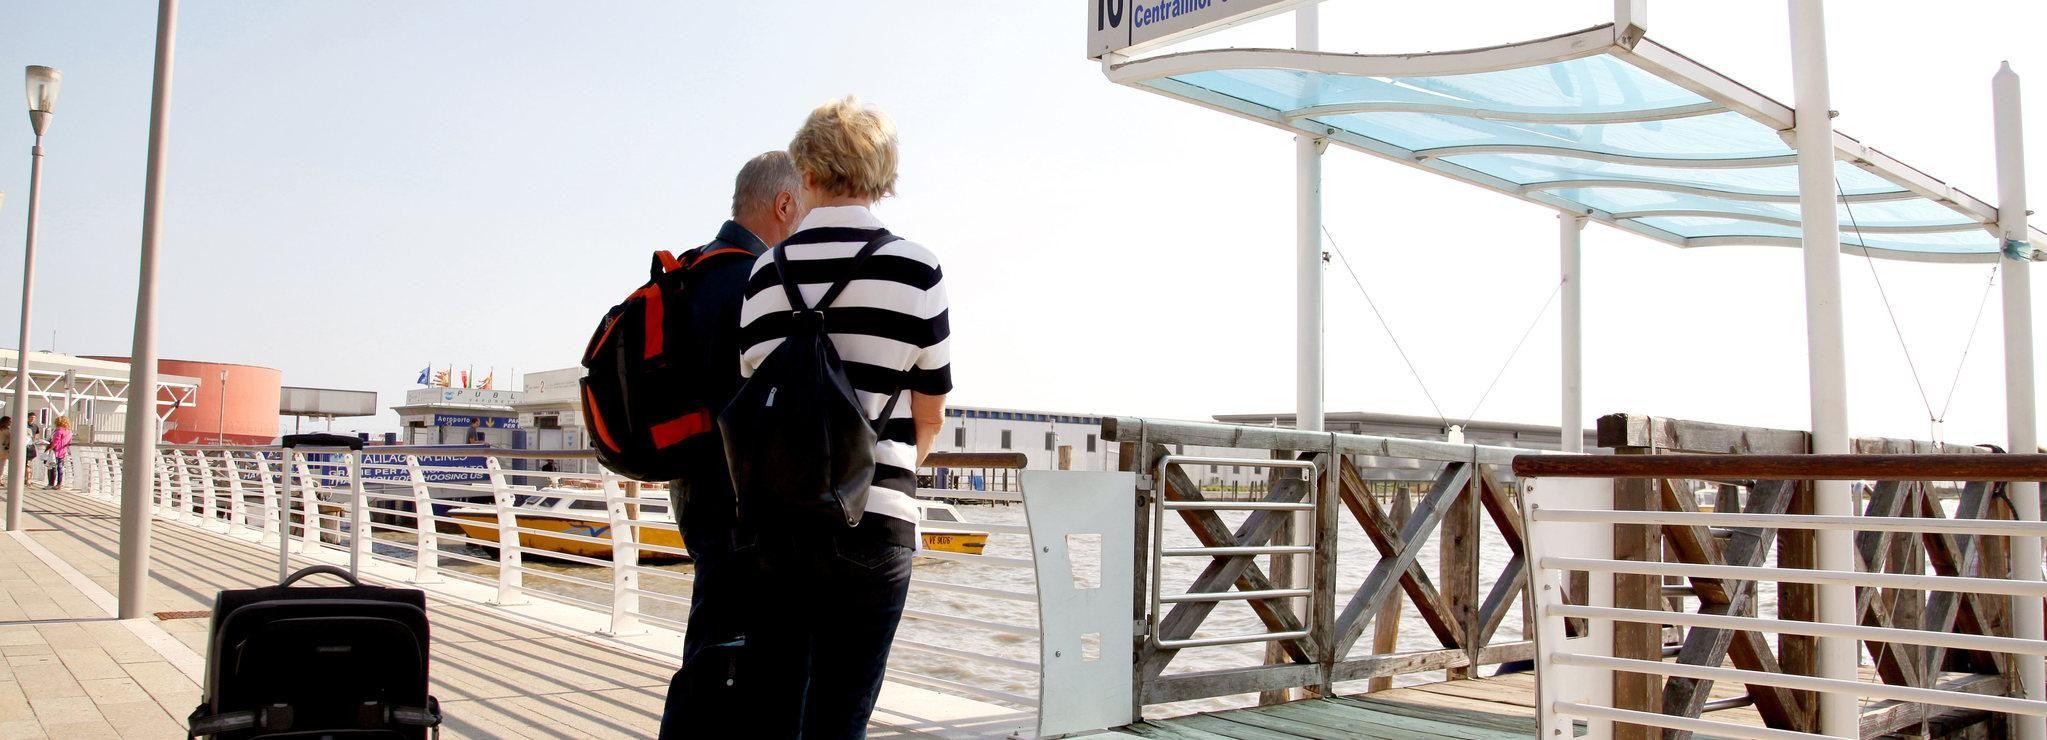 Venezia: transfer via acqua dall'Aeroporto Marco Polo